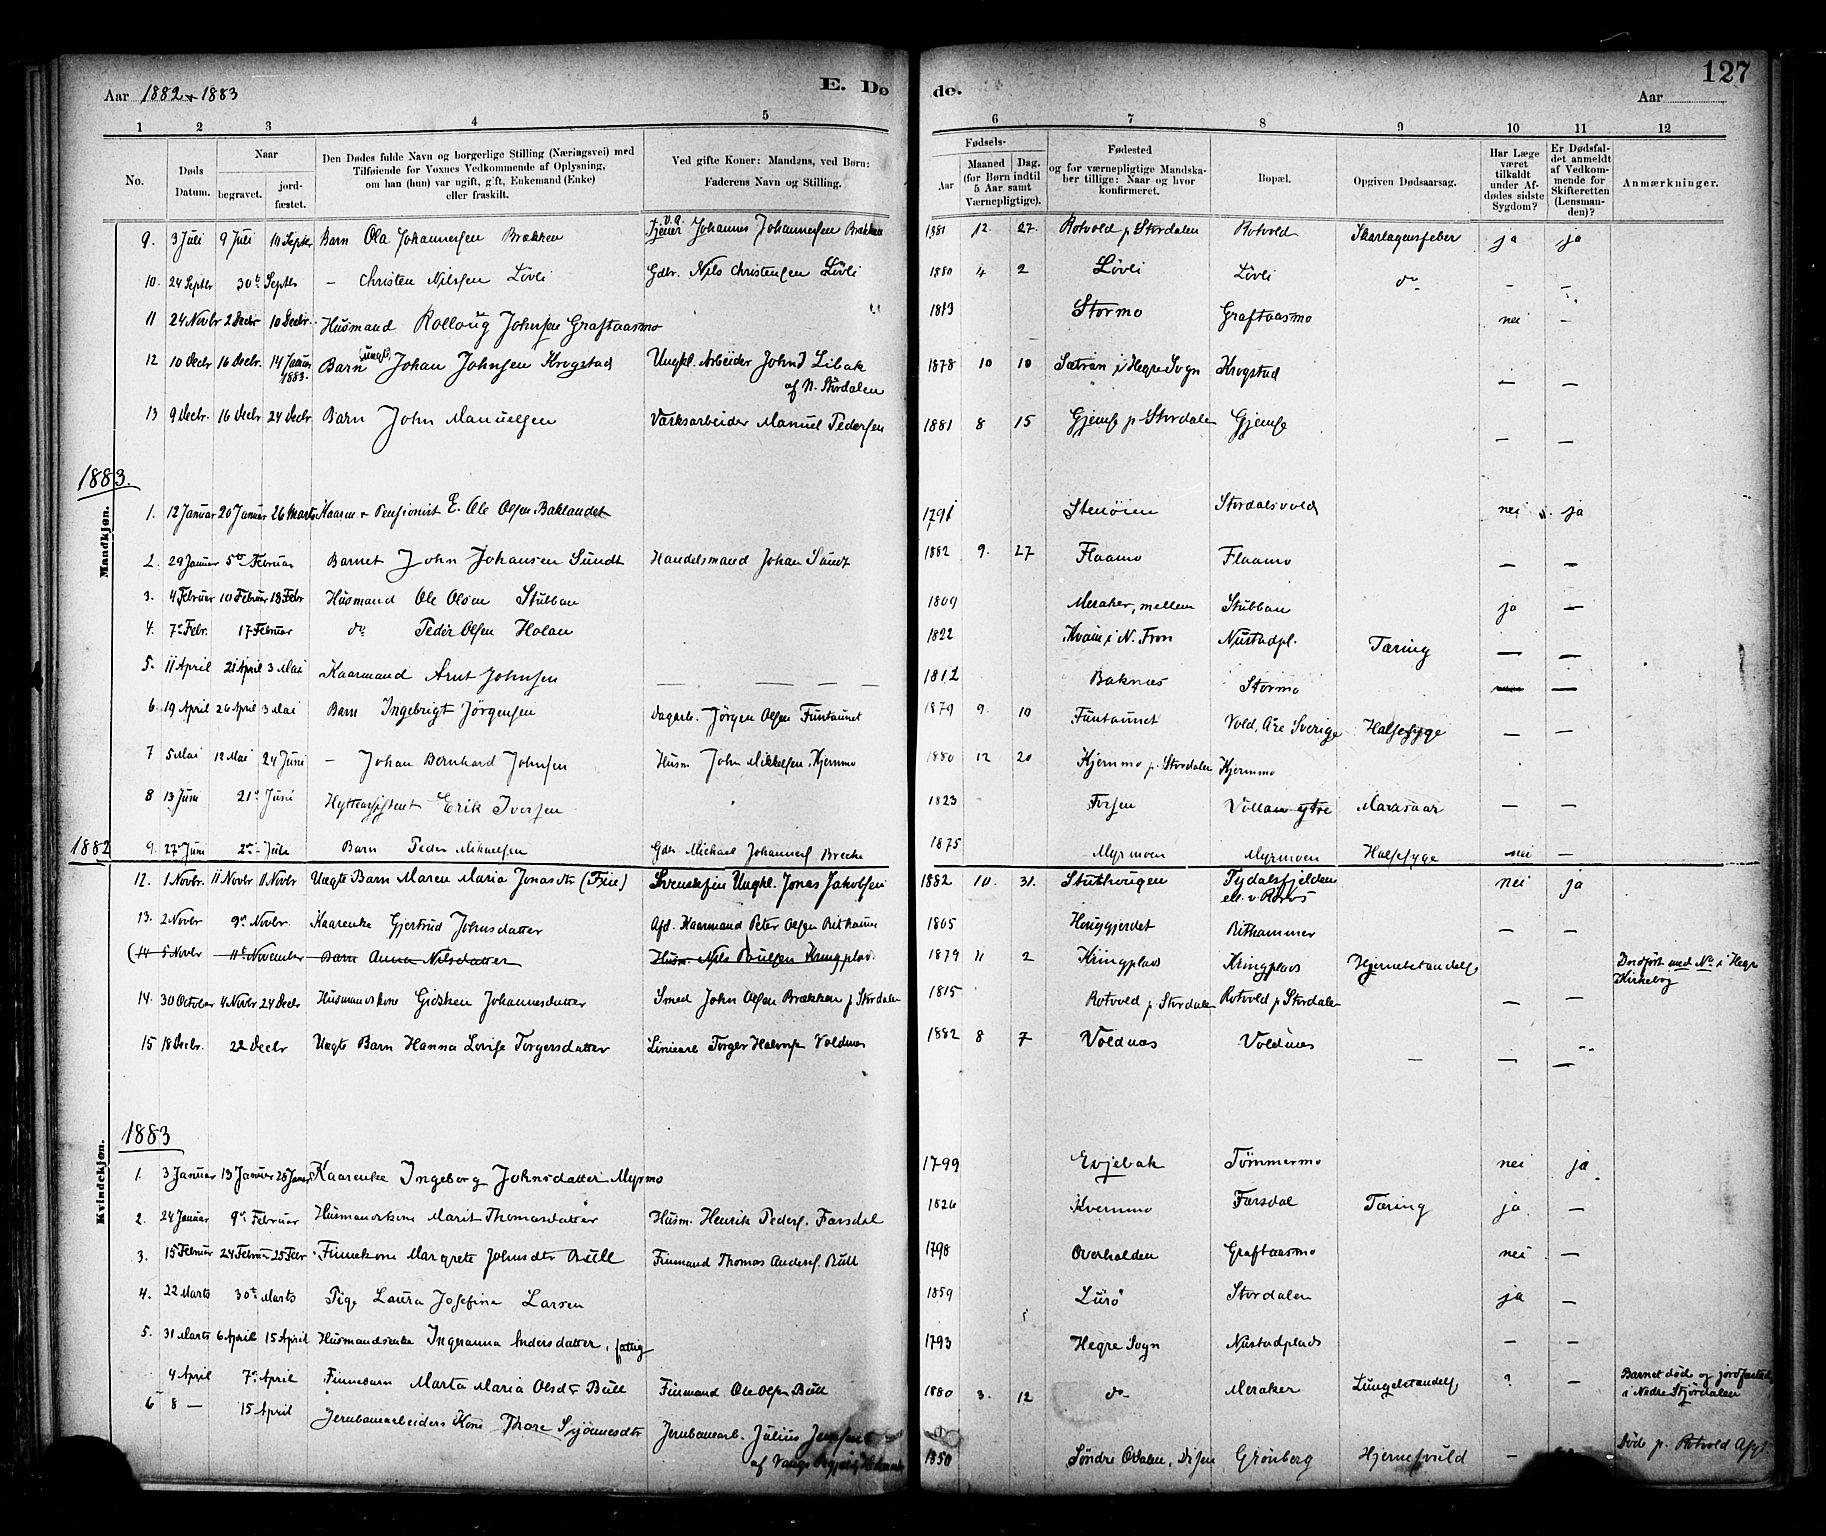 SAT, Ministerialprotokoller, klokkerbøker og fødselsregistre - Nord-Trøndelag, 706/L0047: Ministerialbok nr. 706A03, 1878-1892, s. 127